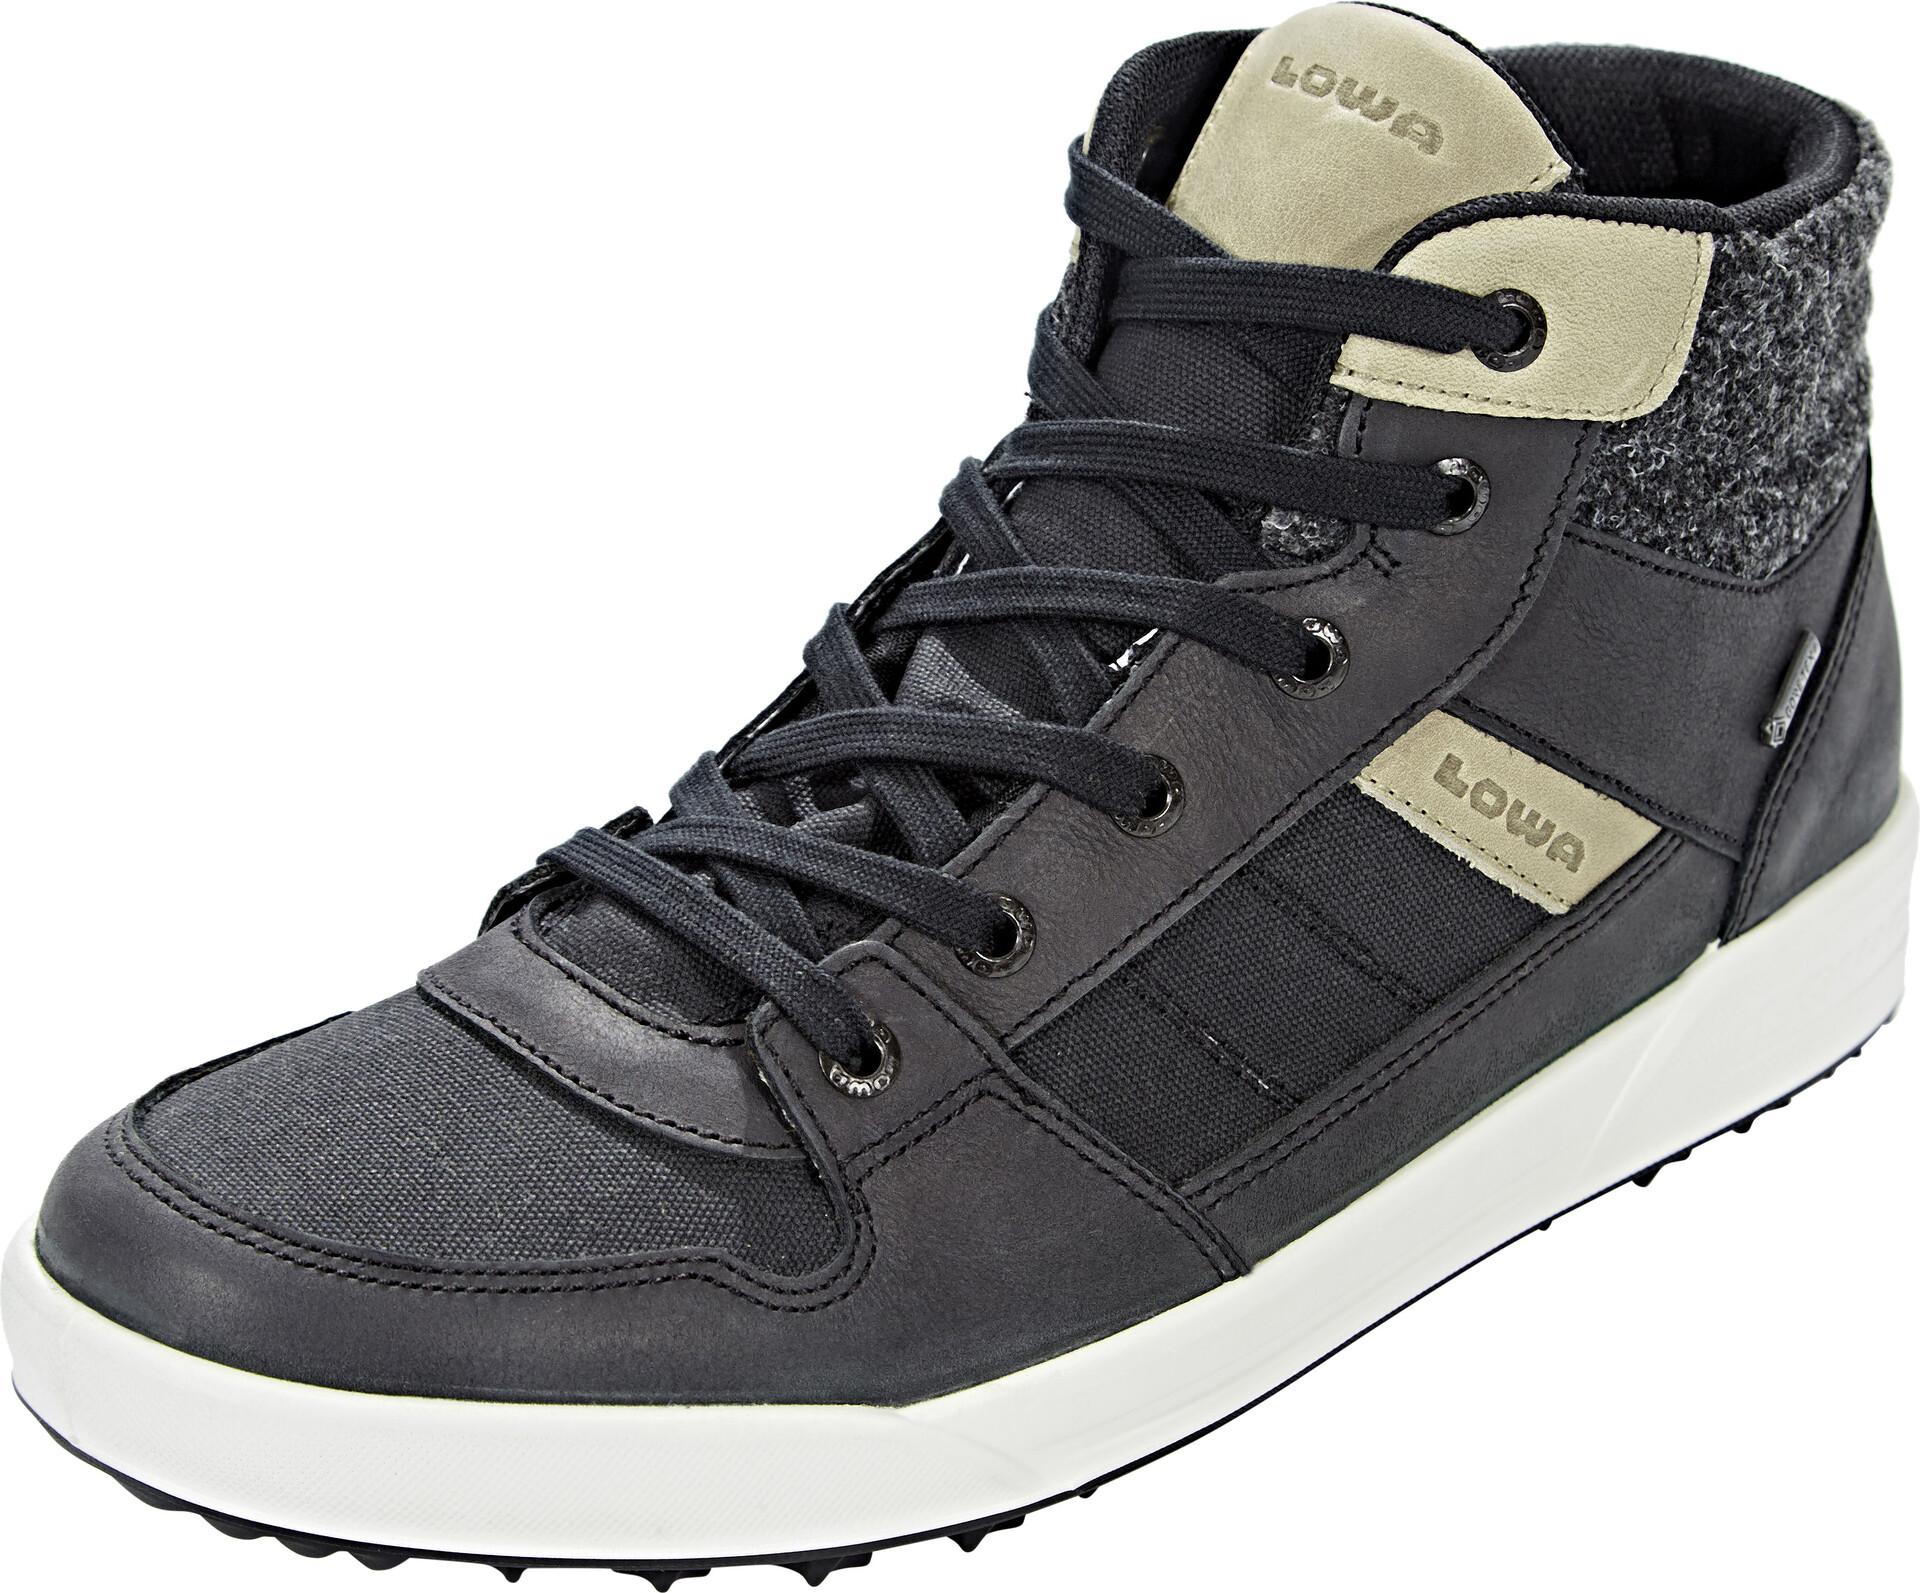 Lowa Chaussures 7qqyxrz Seattle Noir Campz Sur Gtx wXS4H